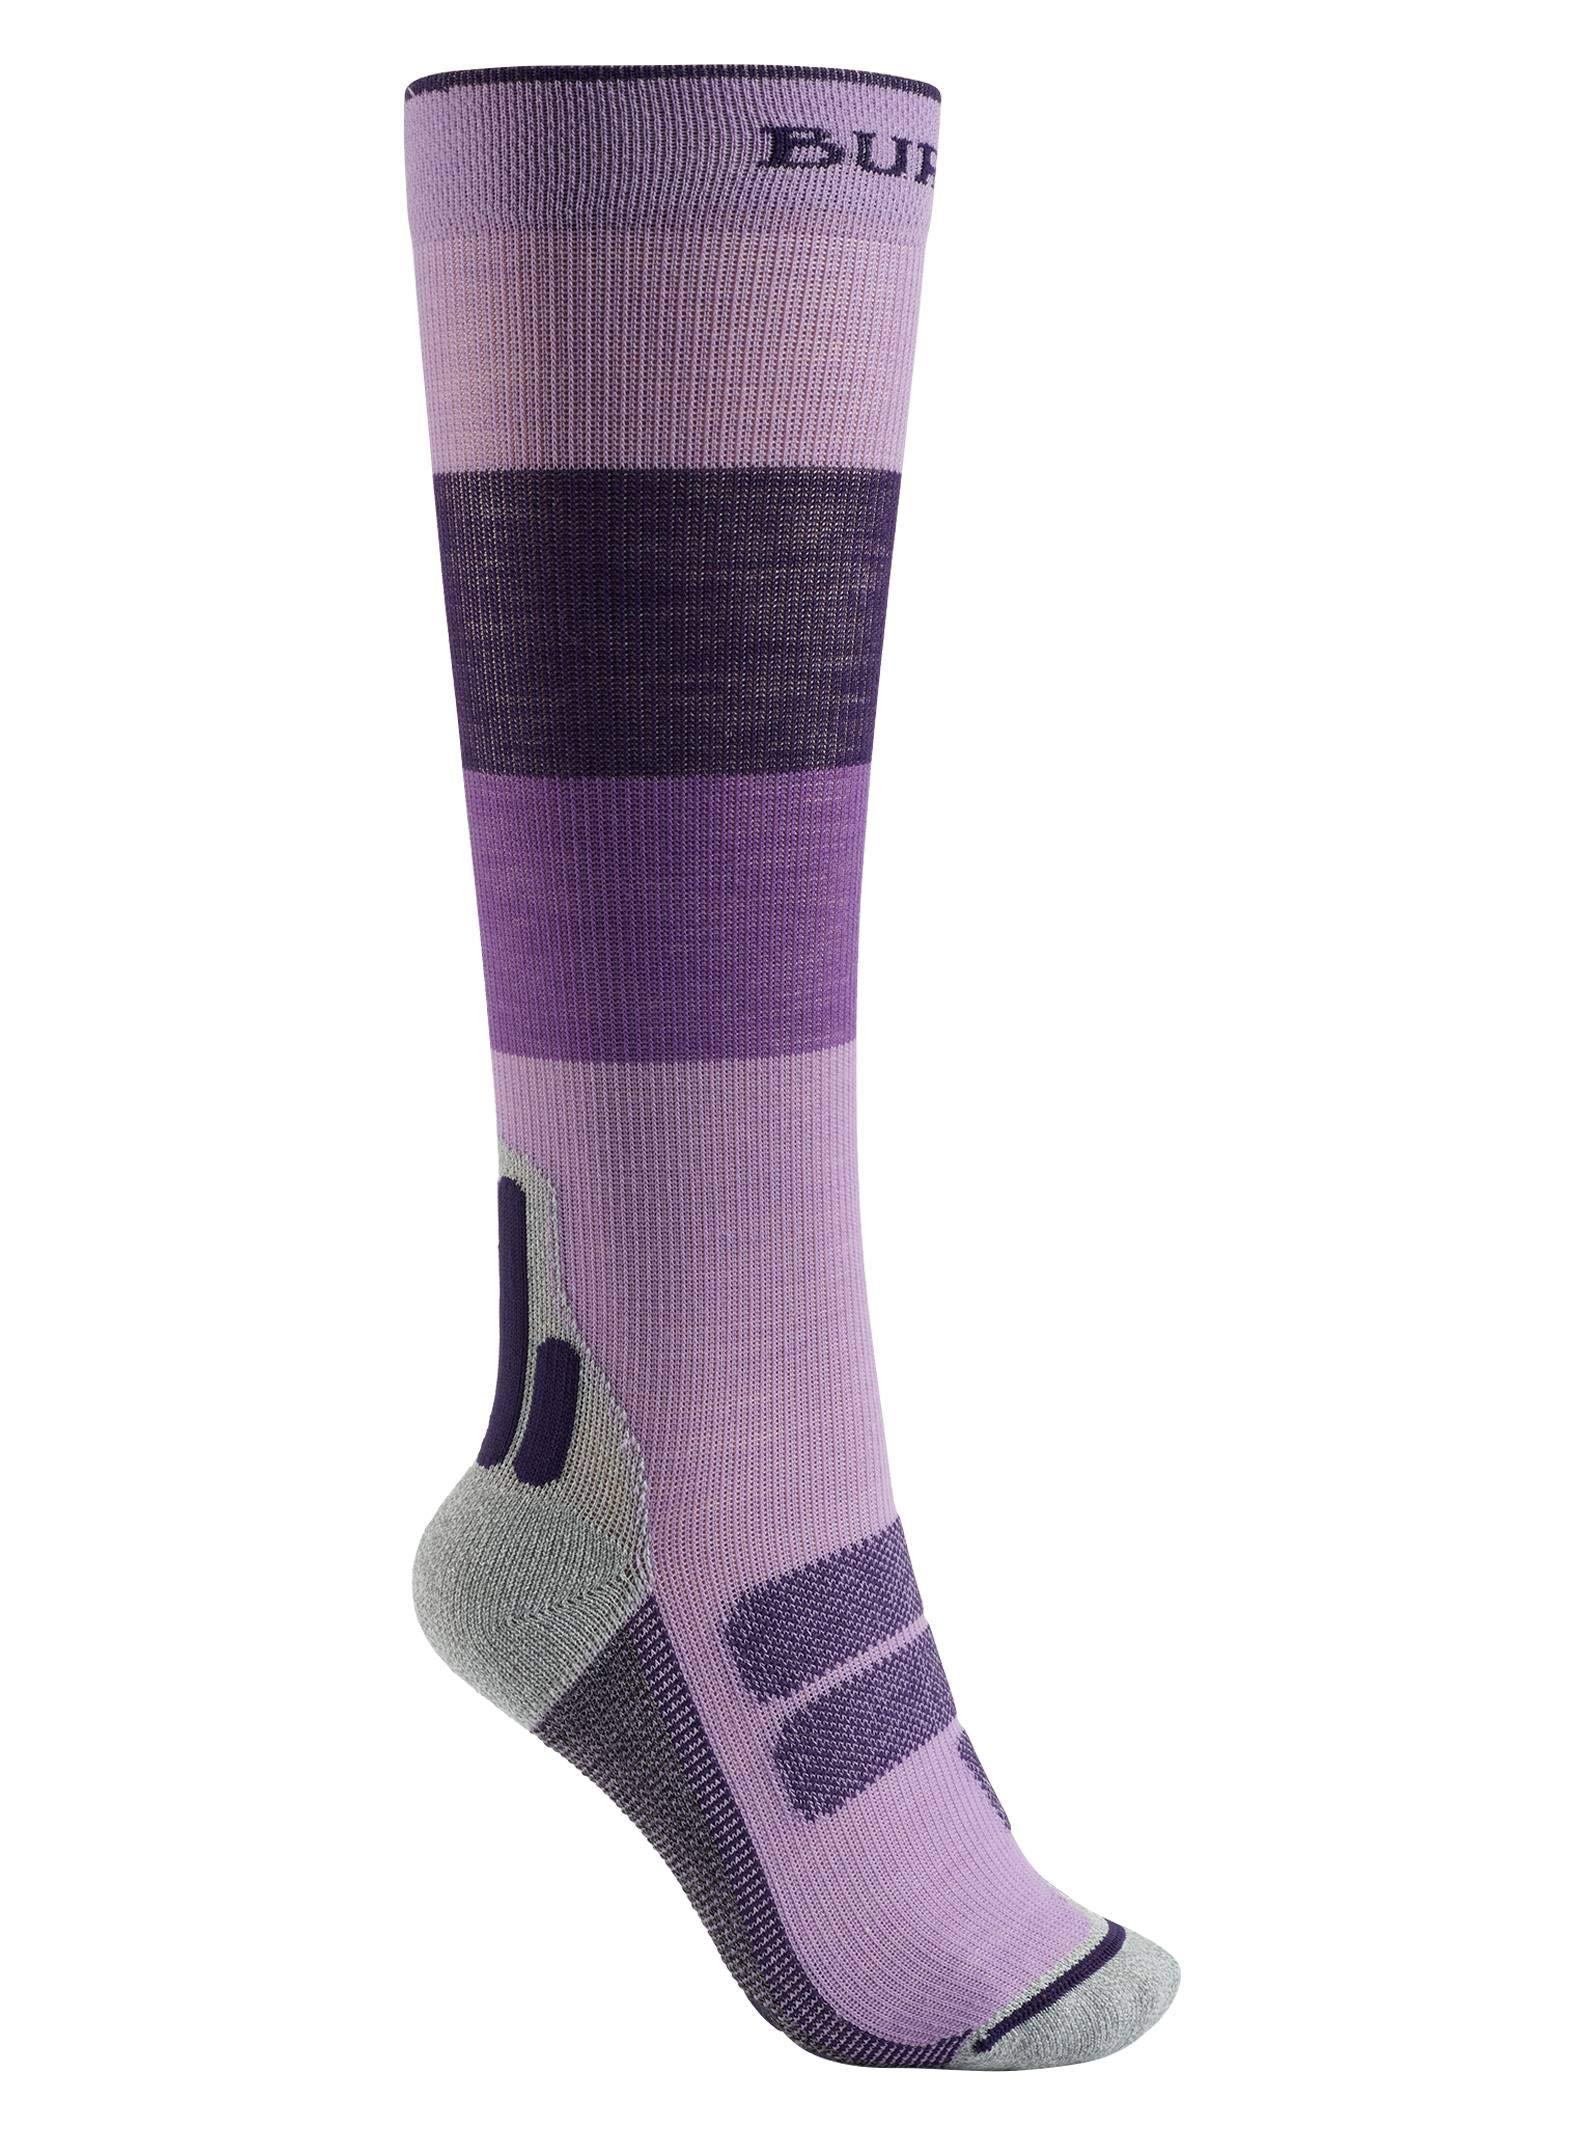 Burton Women's Performance + Ultralight Compression Sock, Concord Block, Small by Burton